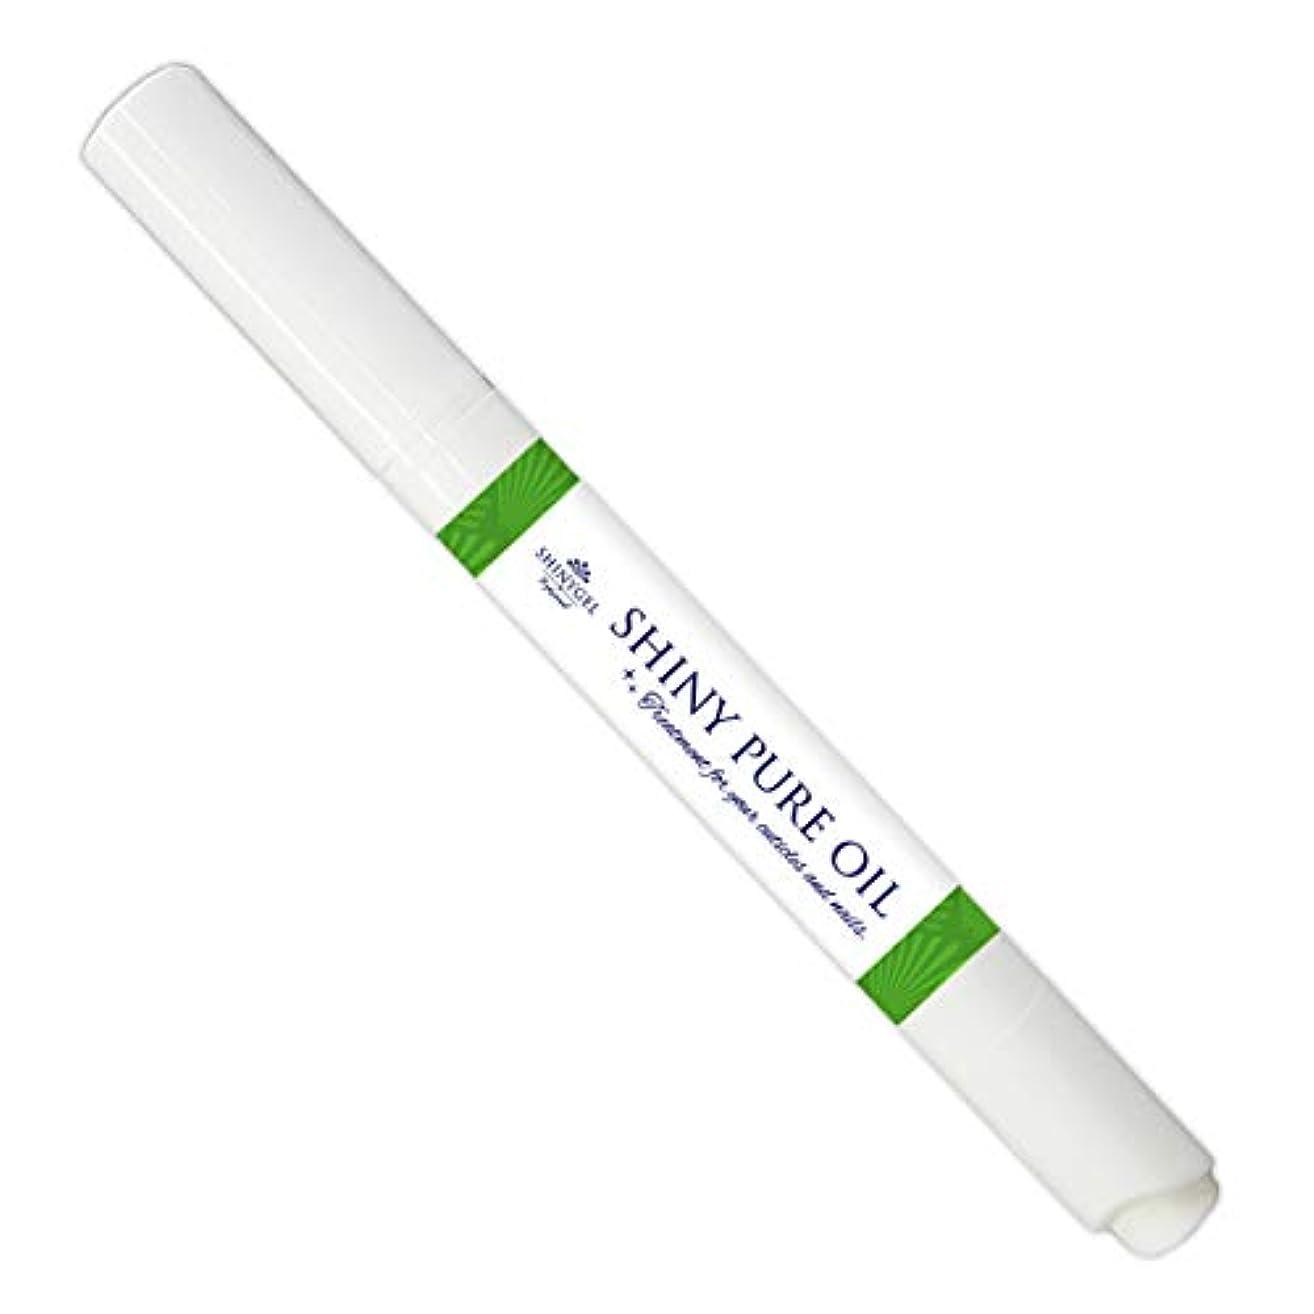 構成員色合いコンペSHINY GEL シャイニーピュアオイル ペンタイプ 2.5ml キューティクルオイル